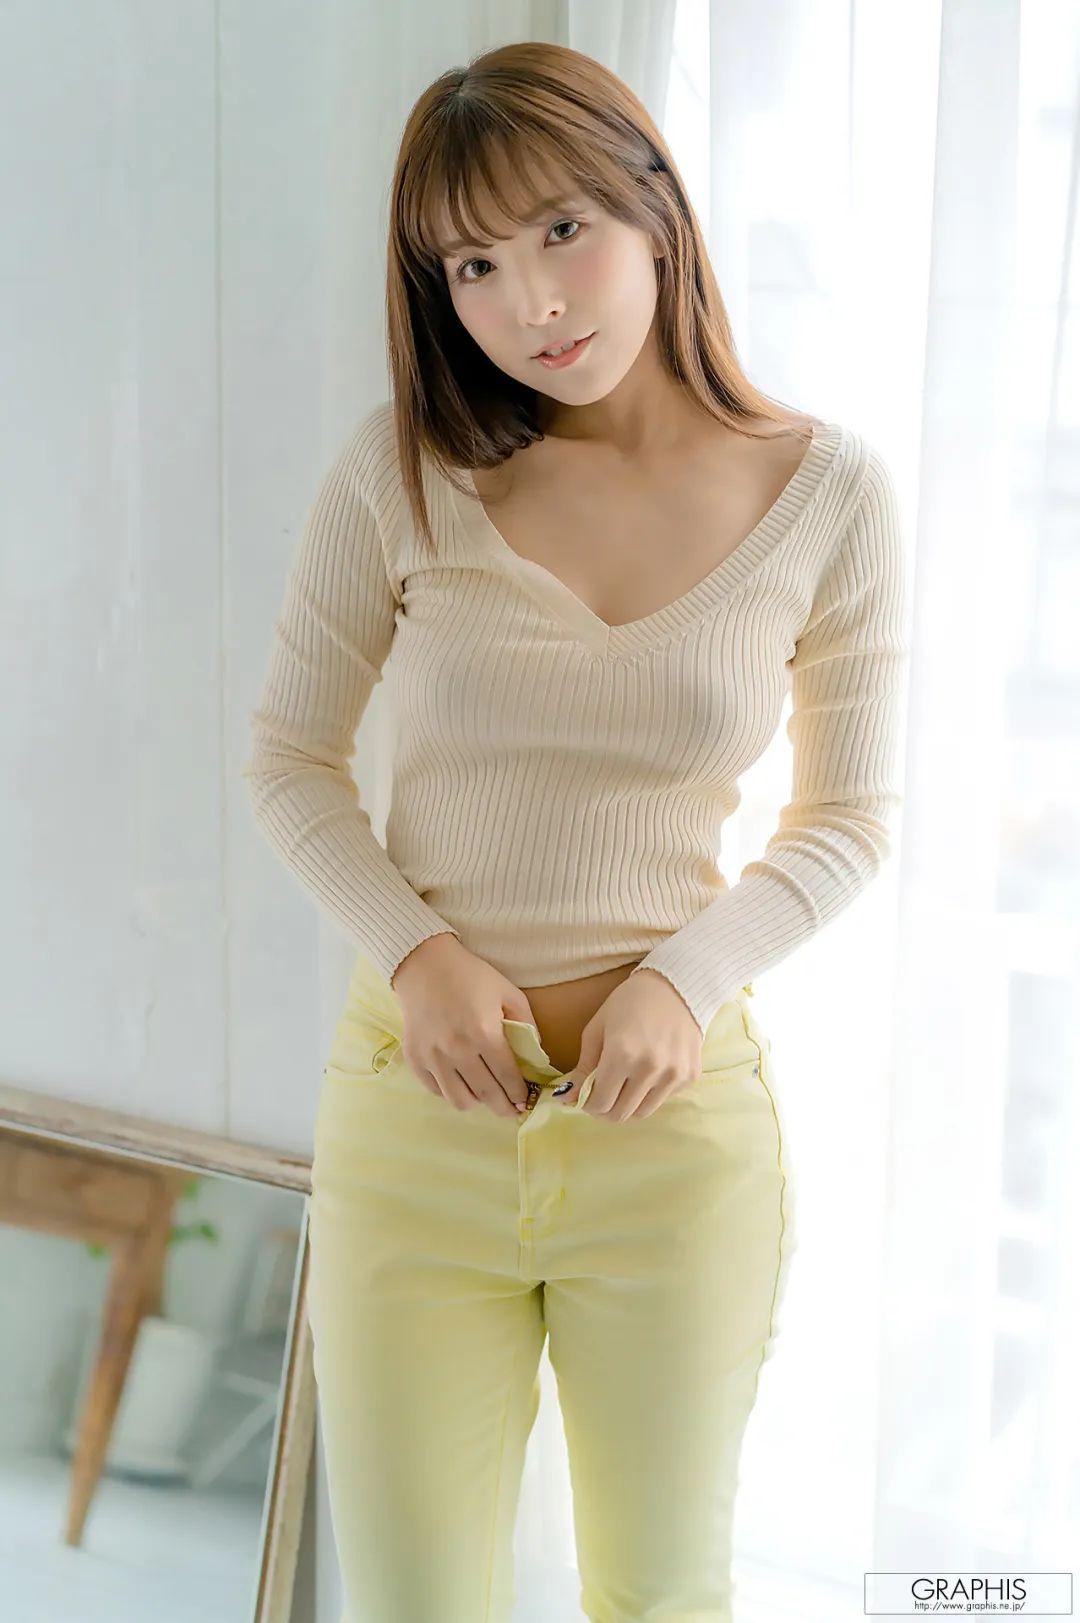 写真 – 27岁的三上悠亚!美如公主_图片 No.7